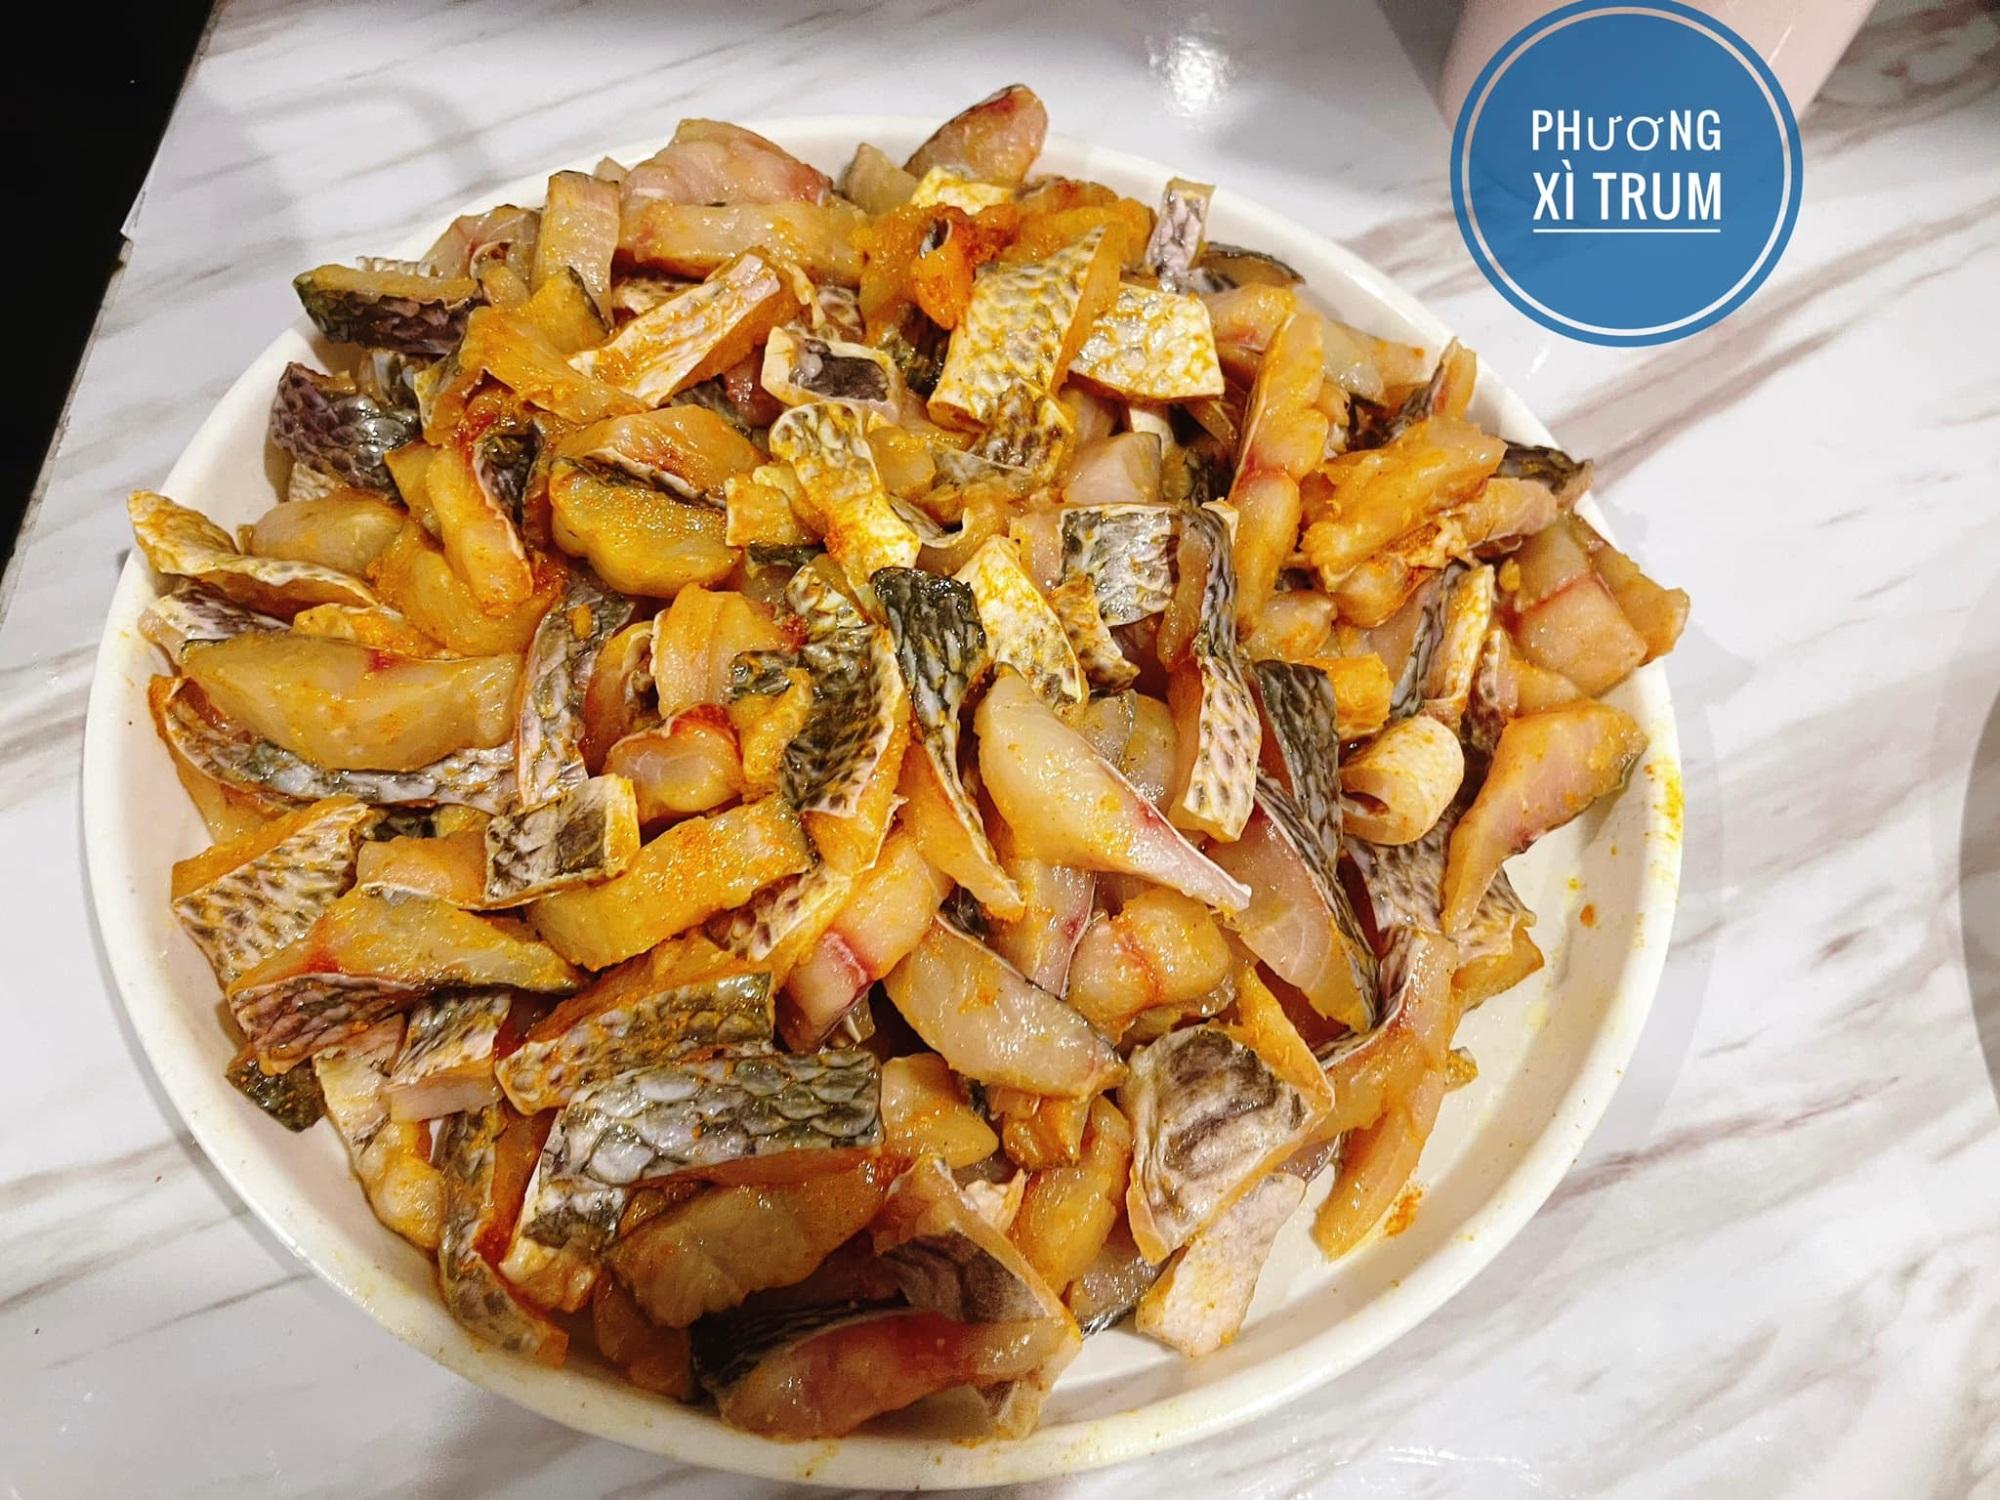 'Lăn vào bếp' làm bún cá rô dễ mà ngon cả nhà đều mê, công thức lại nhanh-gọn-nhẹ ai làm cũng thành công - Ảnh 4